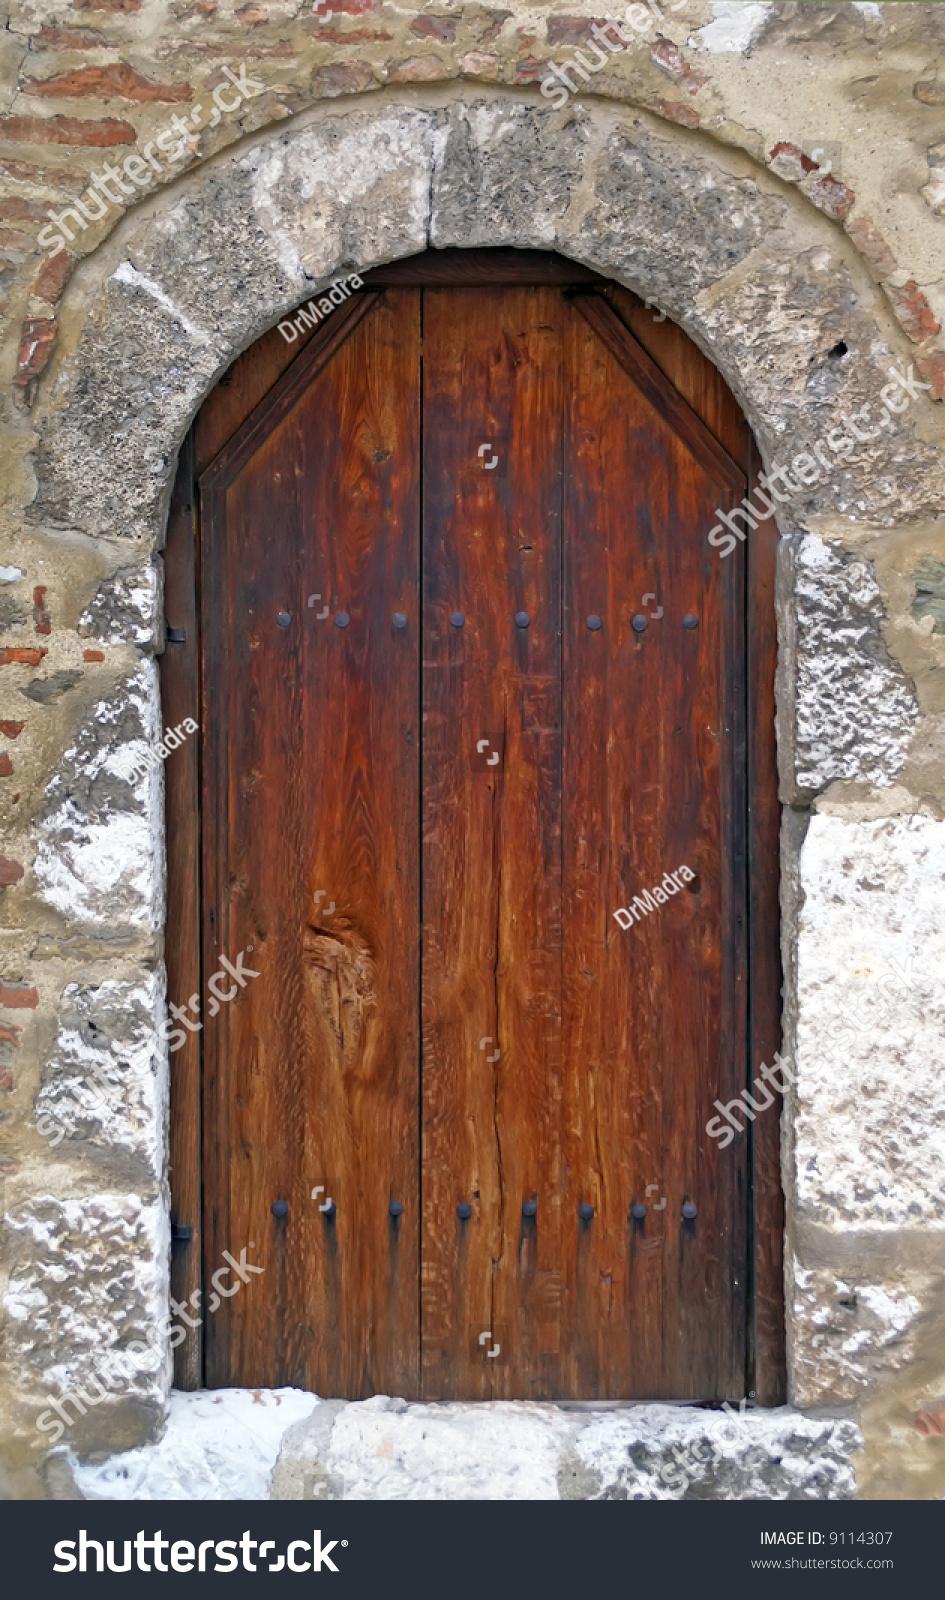 Medieval Wooden Door Stock Photo 9114307 Shutterstock